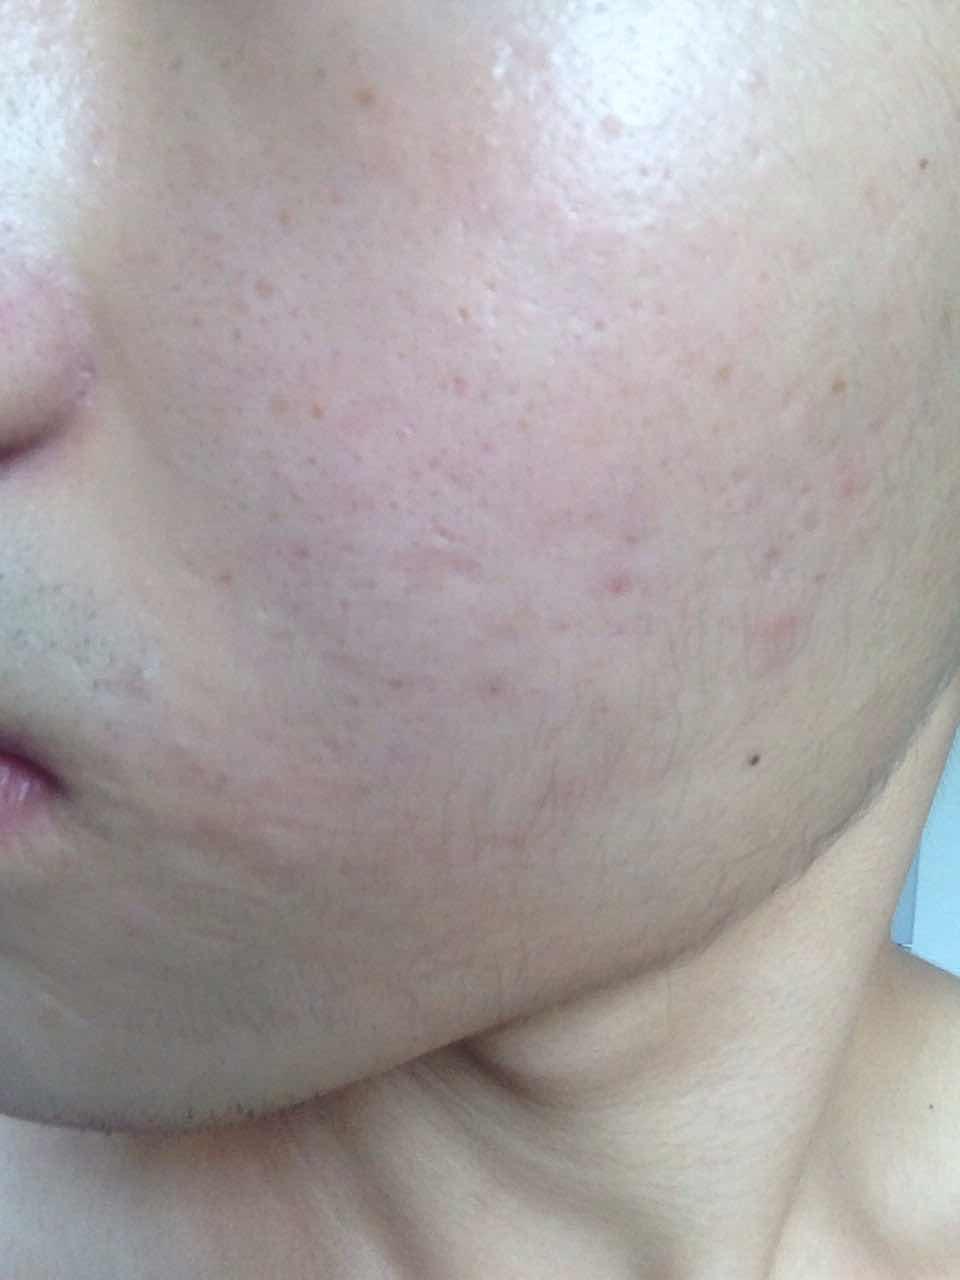 皮肤毛孔红点怎么治疗,能治吗?需要做激光还是什么的